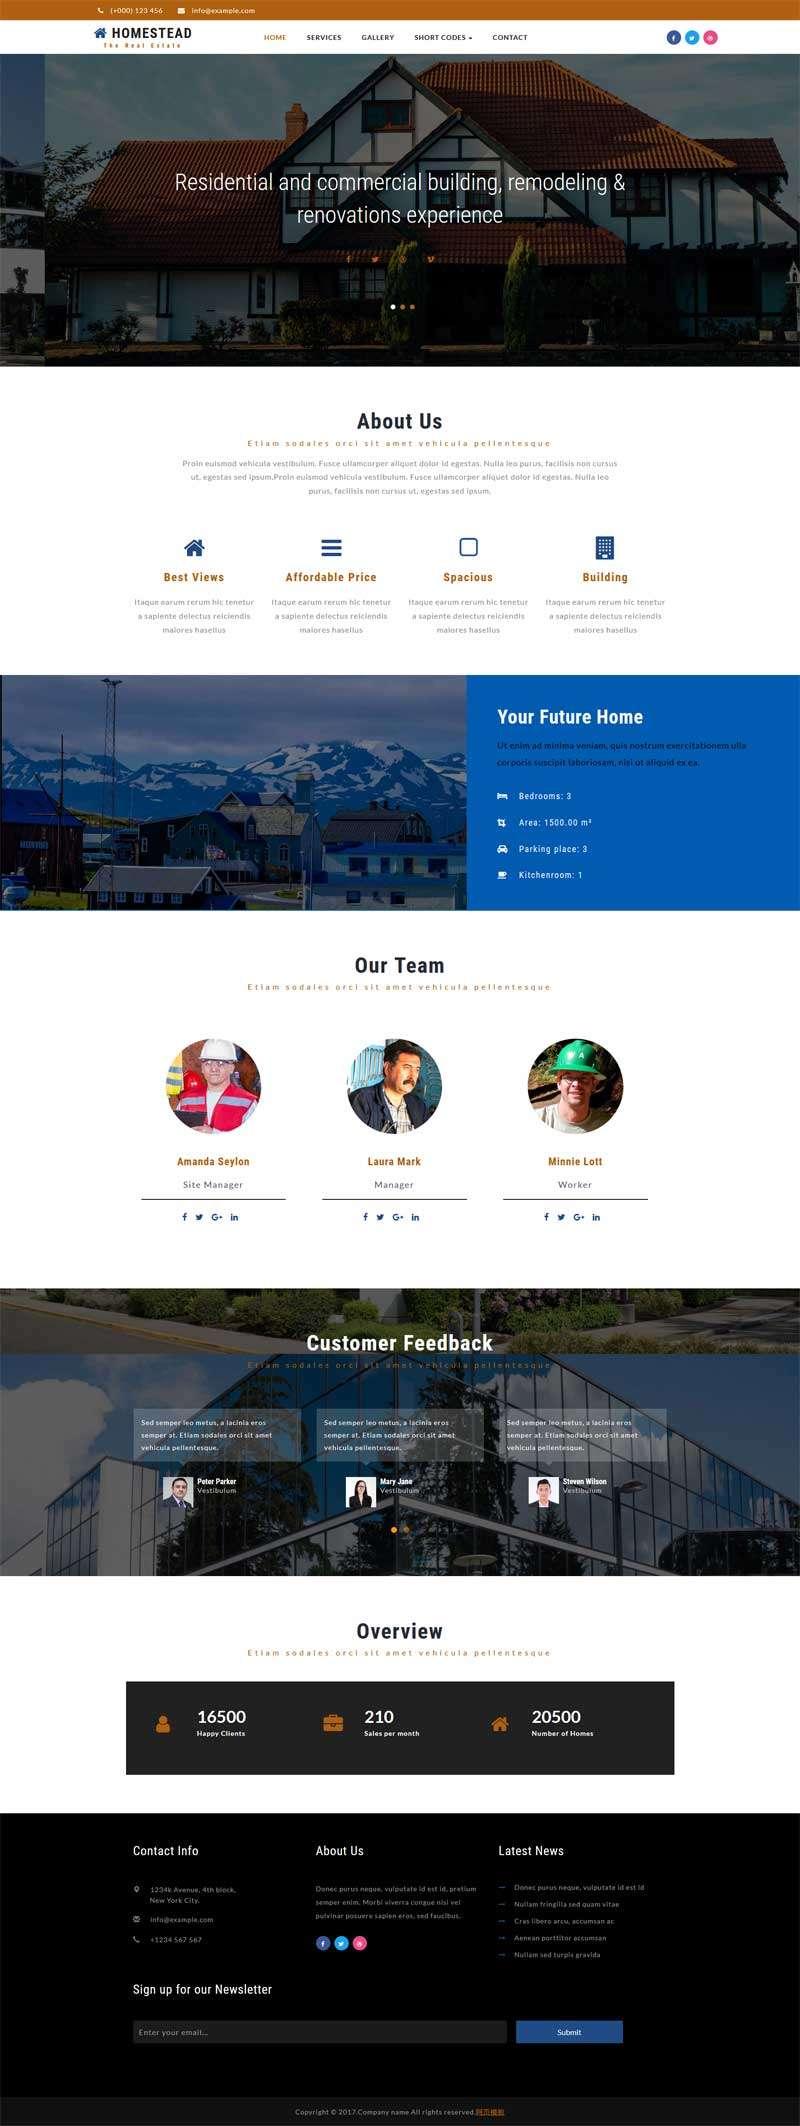 大气的房地产开发建筑公司网页模板